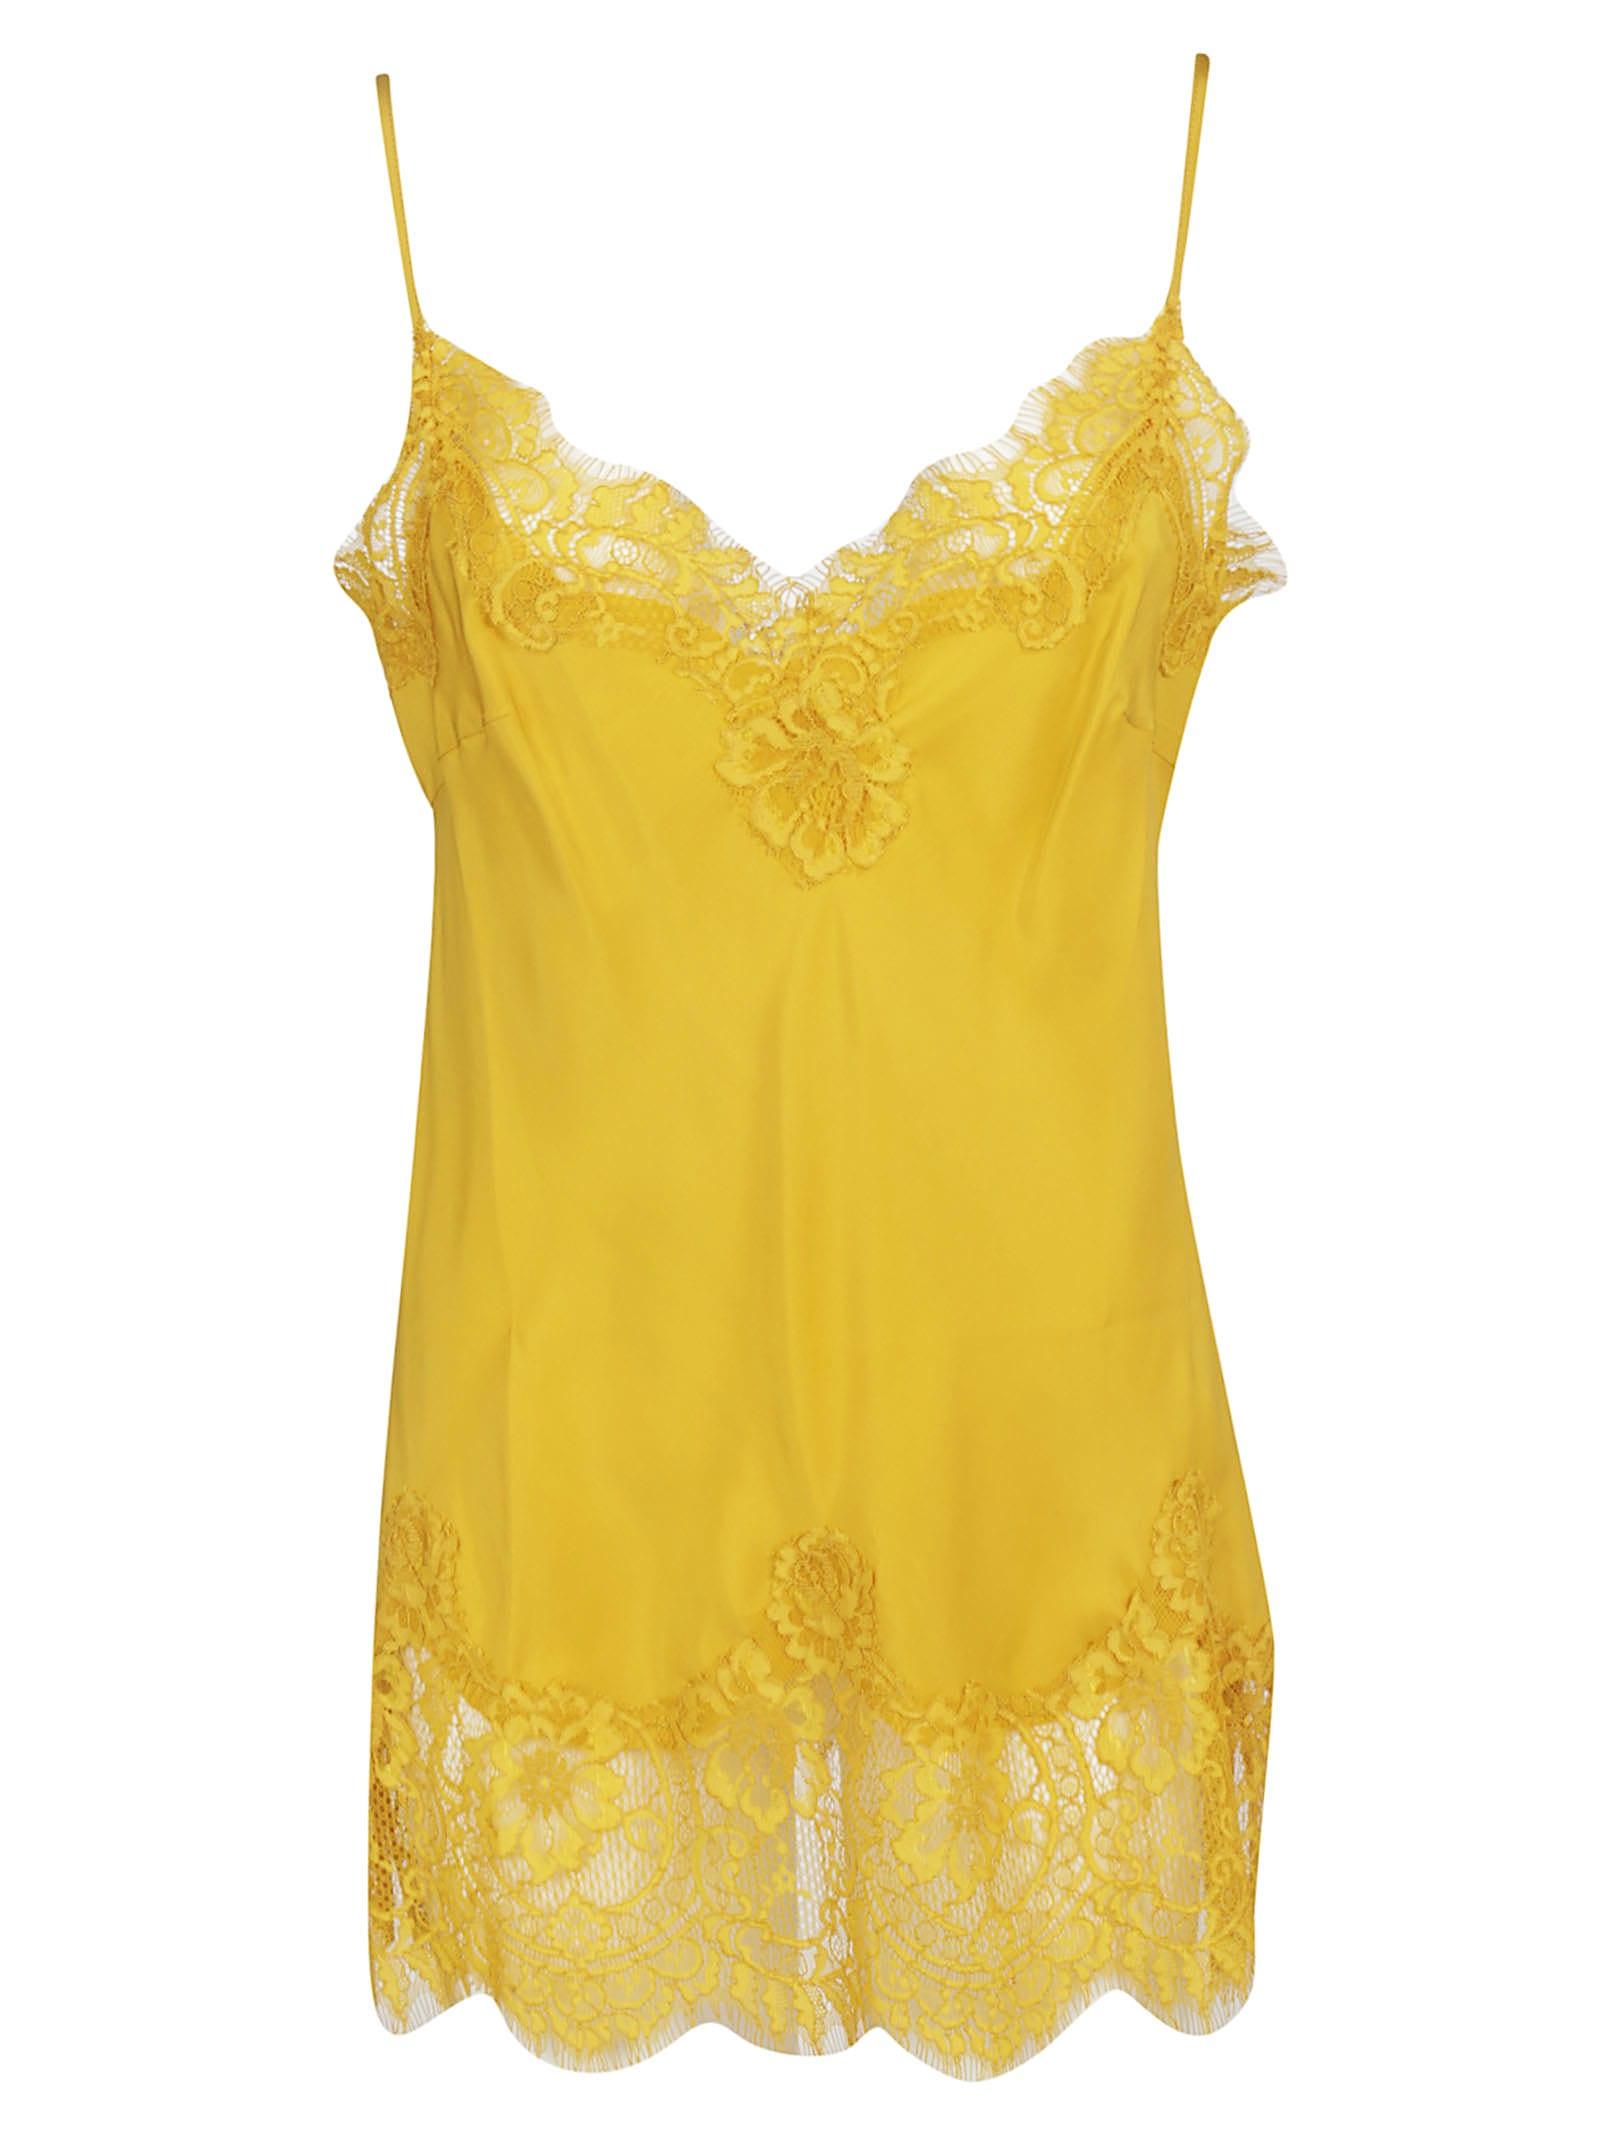 Gold Hawk Floral Lace Top